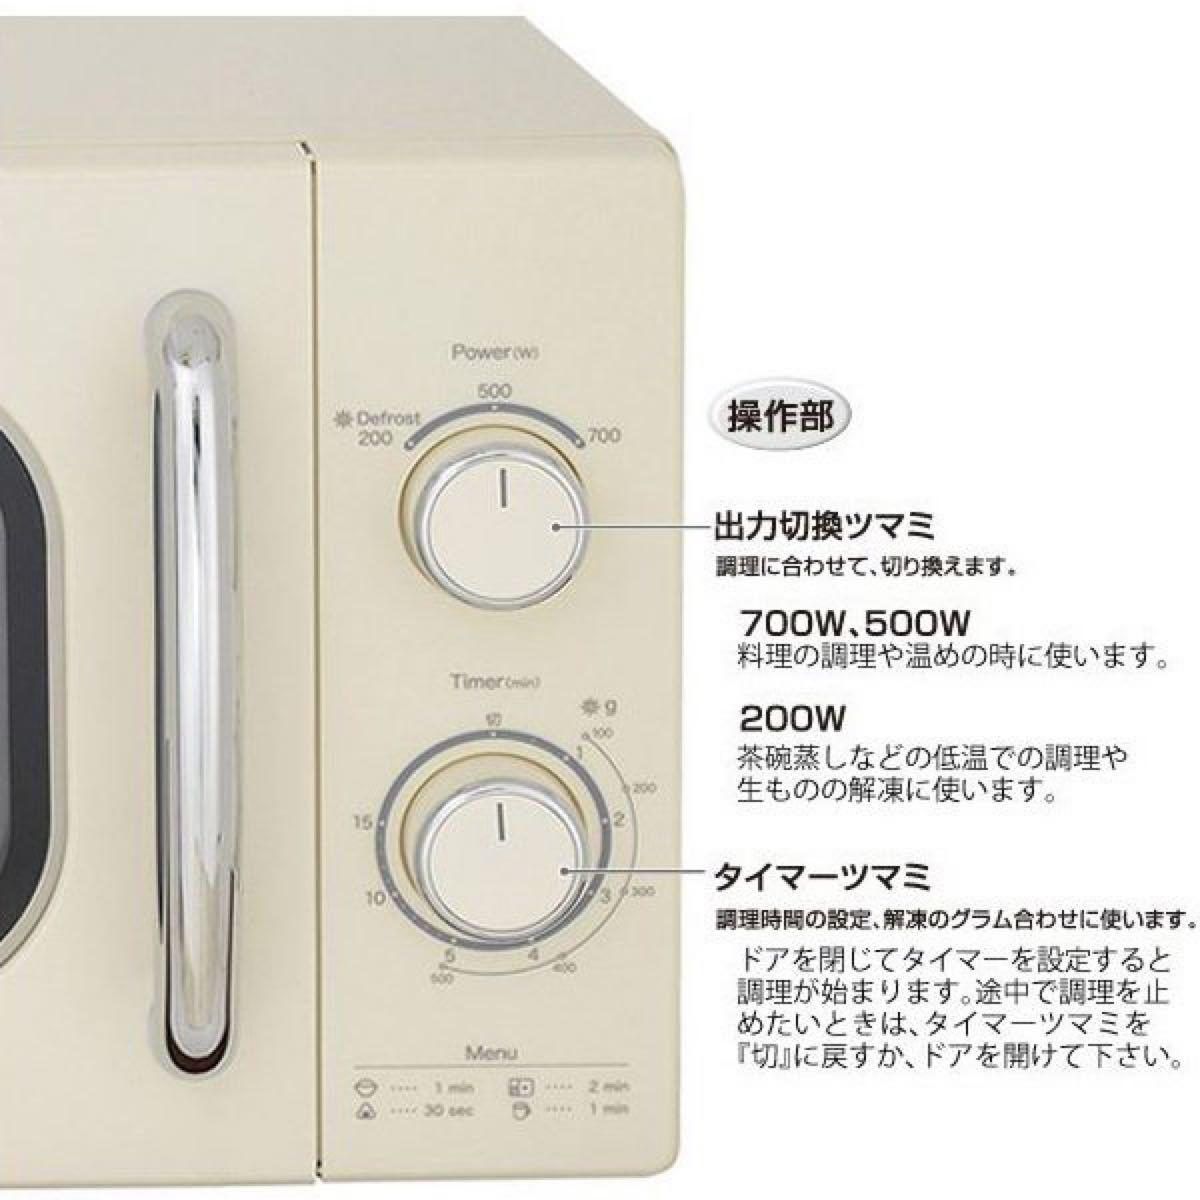 新品 電子レンジ クラシック 50Hz レトロ ホワイト 未使用 未開封